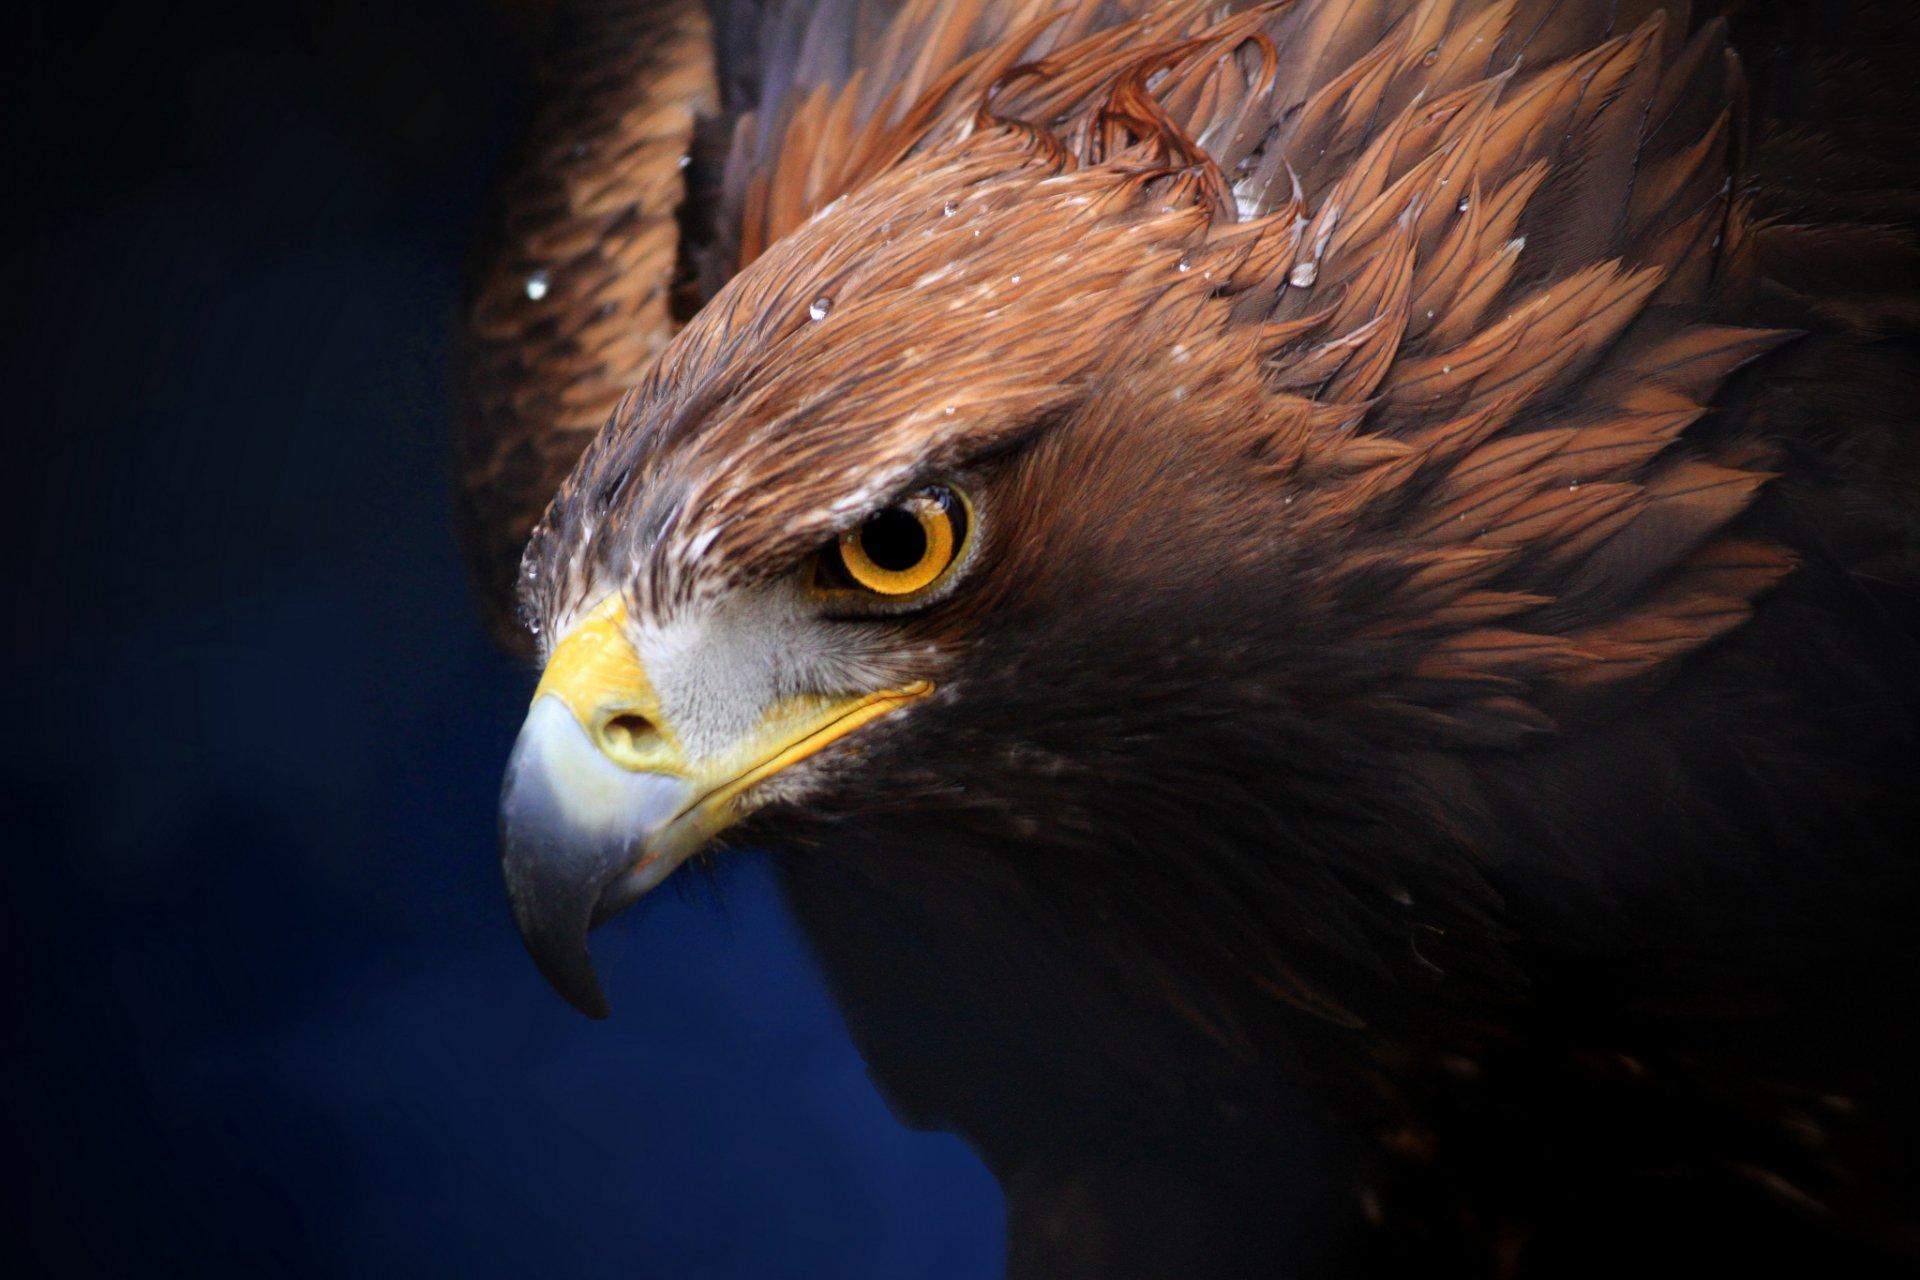 захода картинка орел который есть частности заметили, что